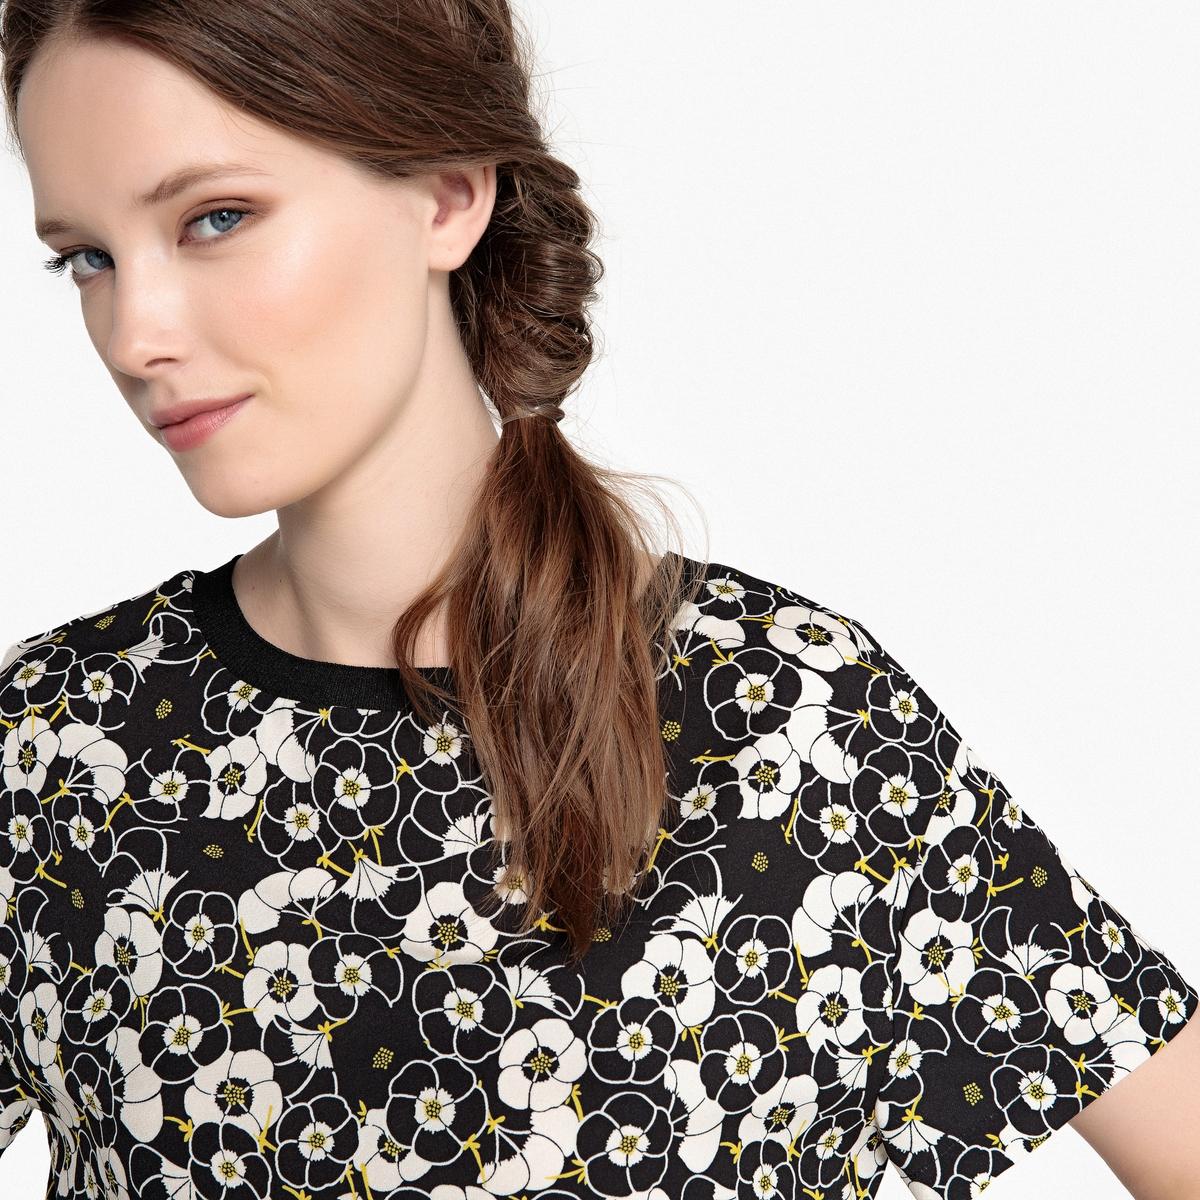 Blusa con cuello redondo y estampado de flores, manga corta